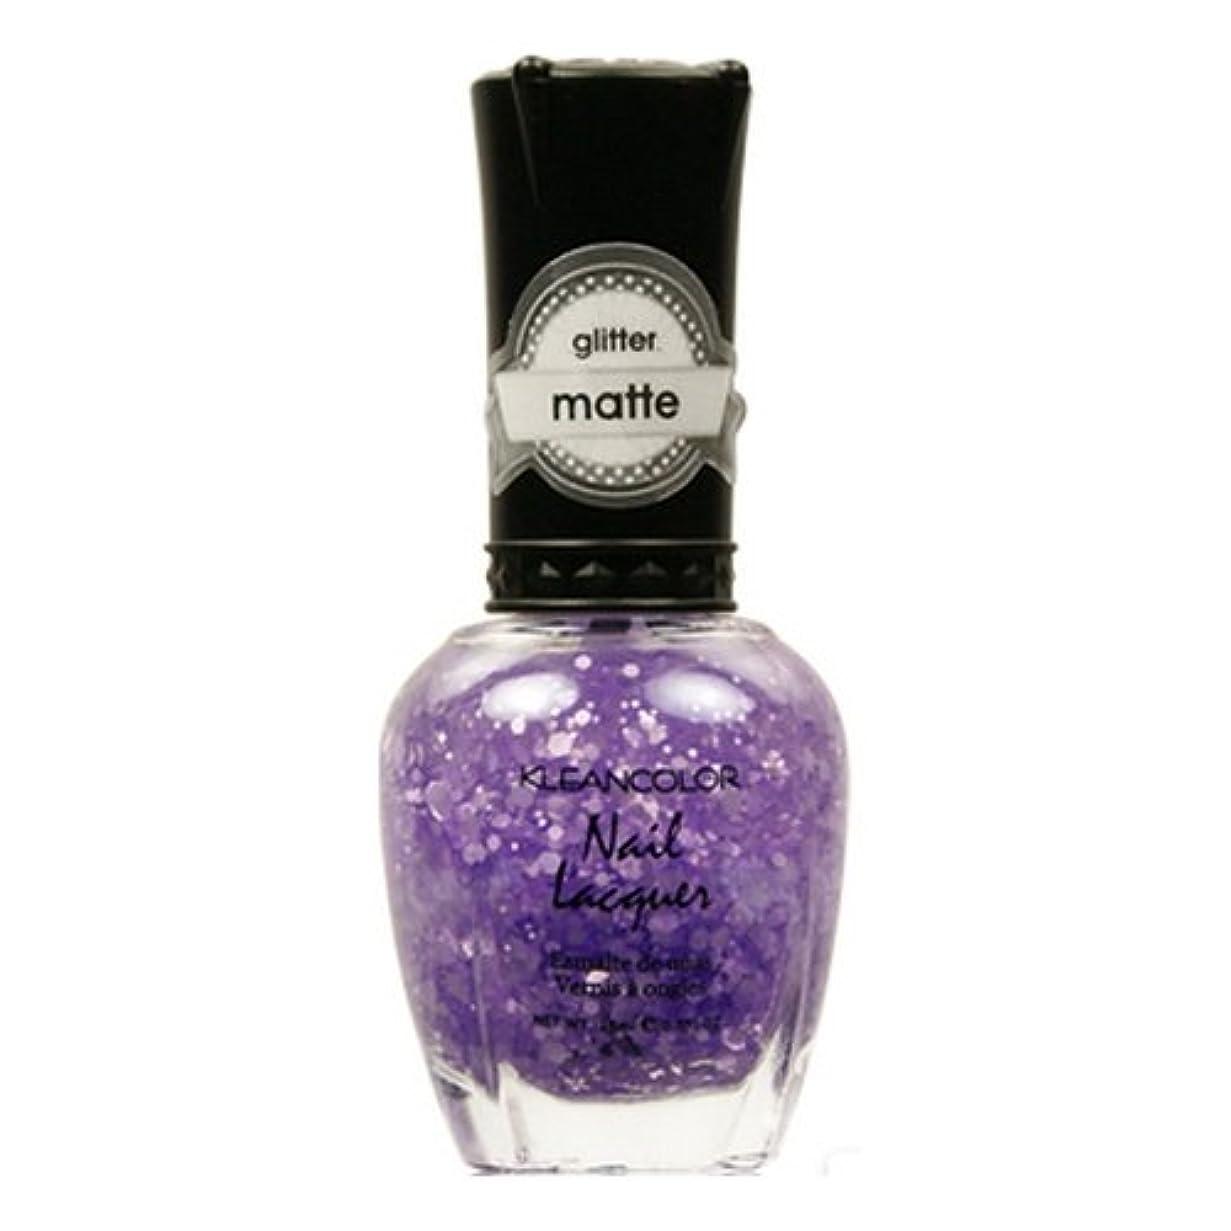 予算かご女優(3 Pack) KLEANCOLOR Glitter Matte Nail Lacquer - Playful Lavender (並行輸入品)